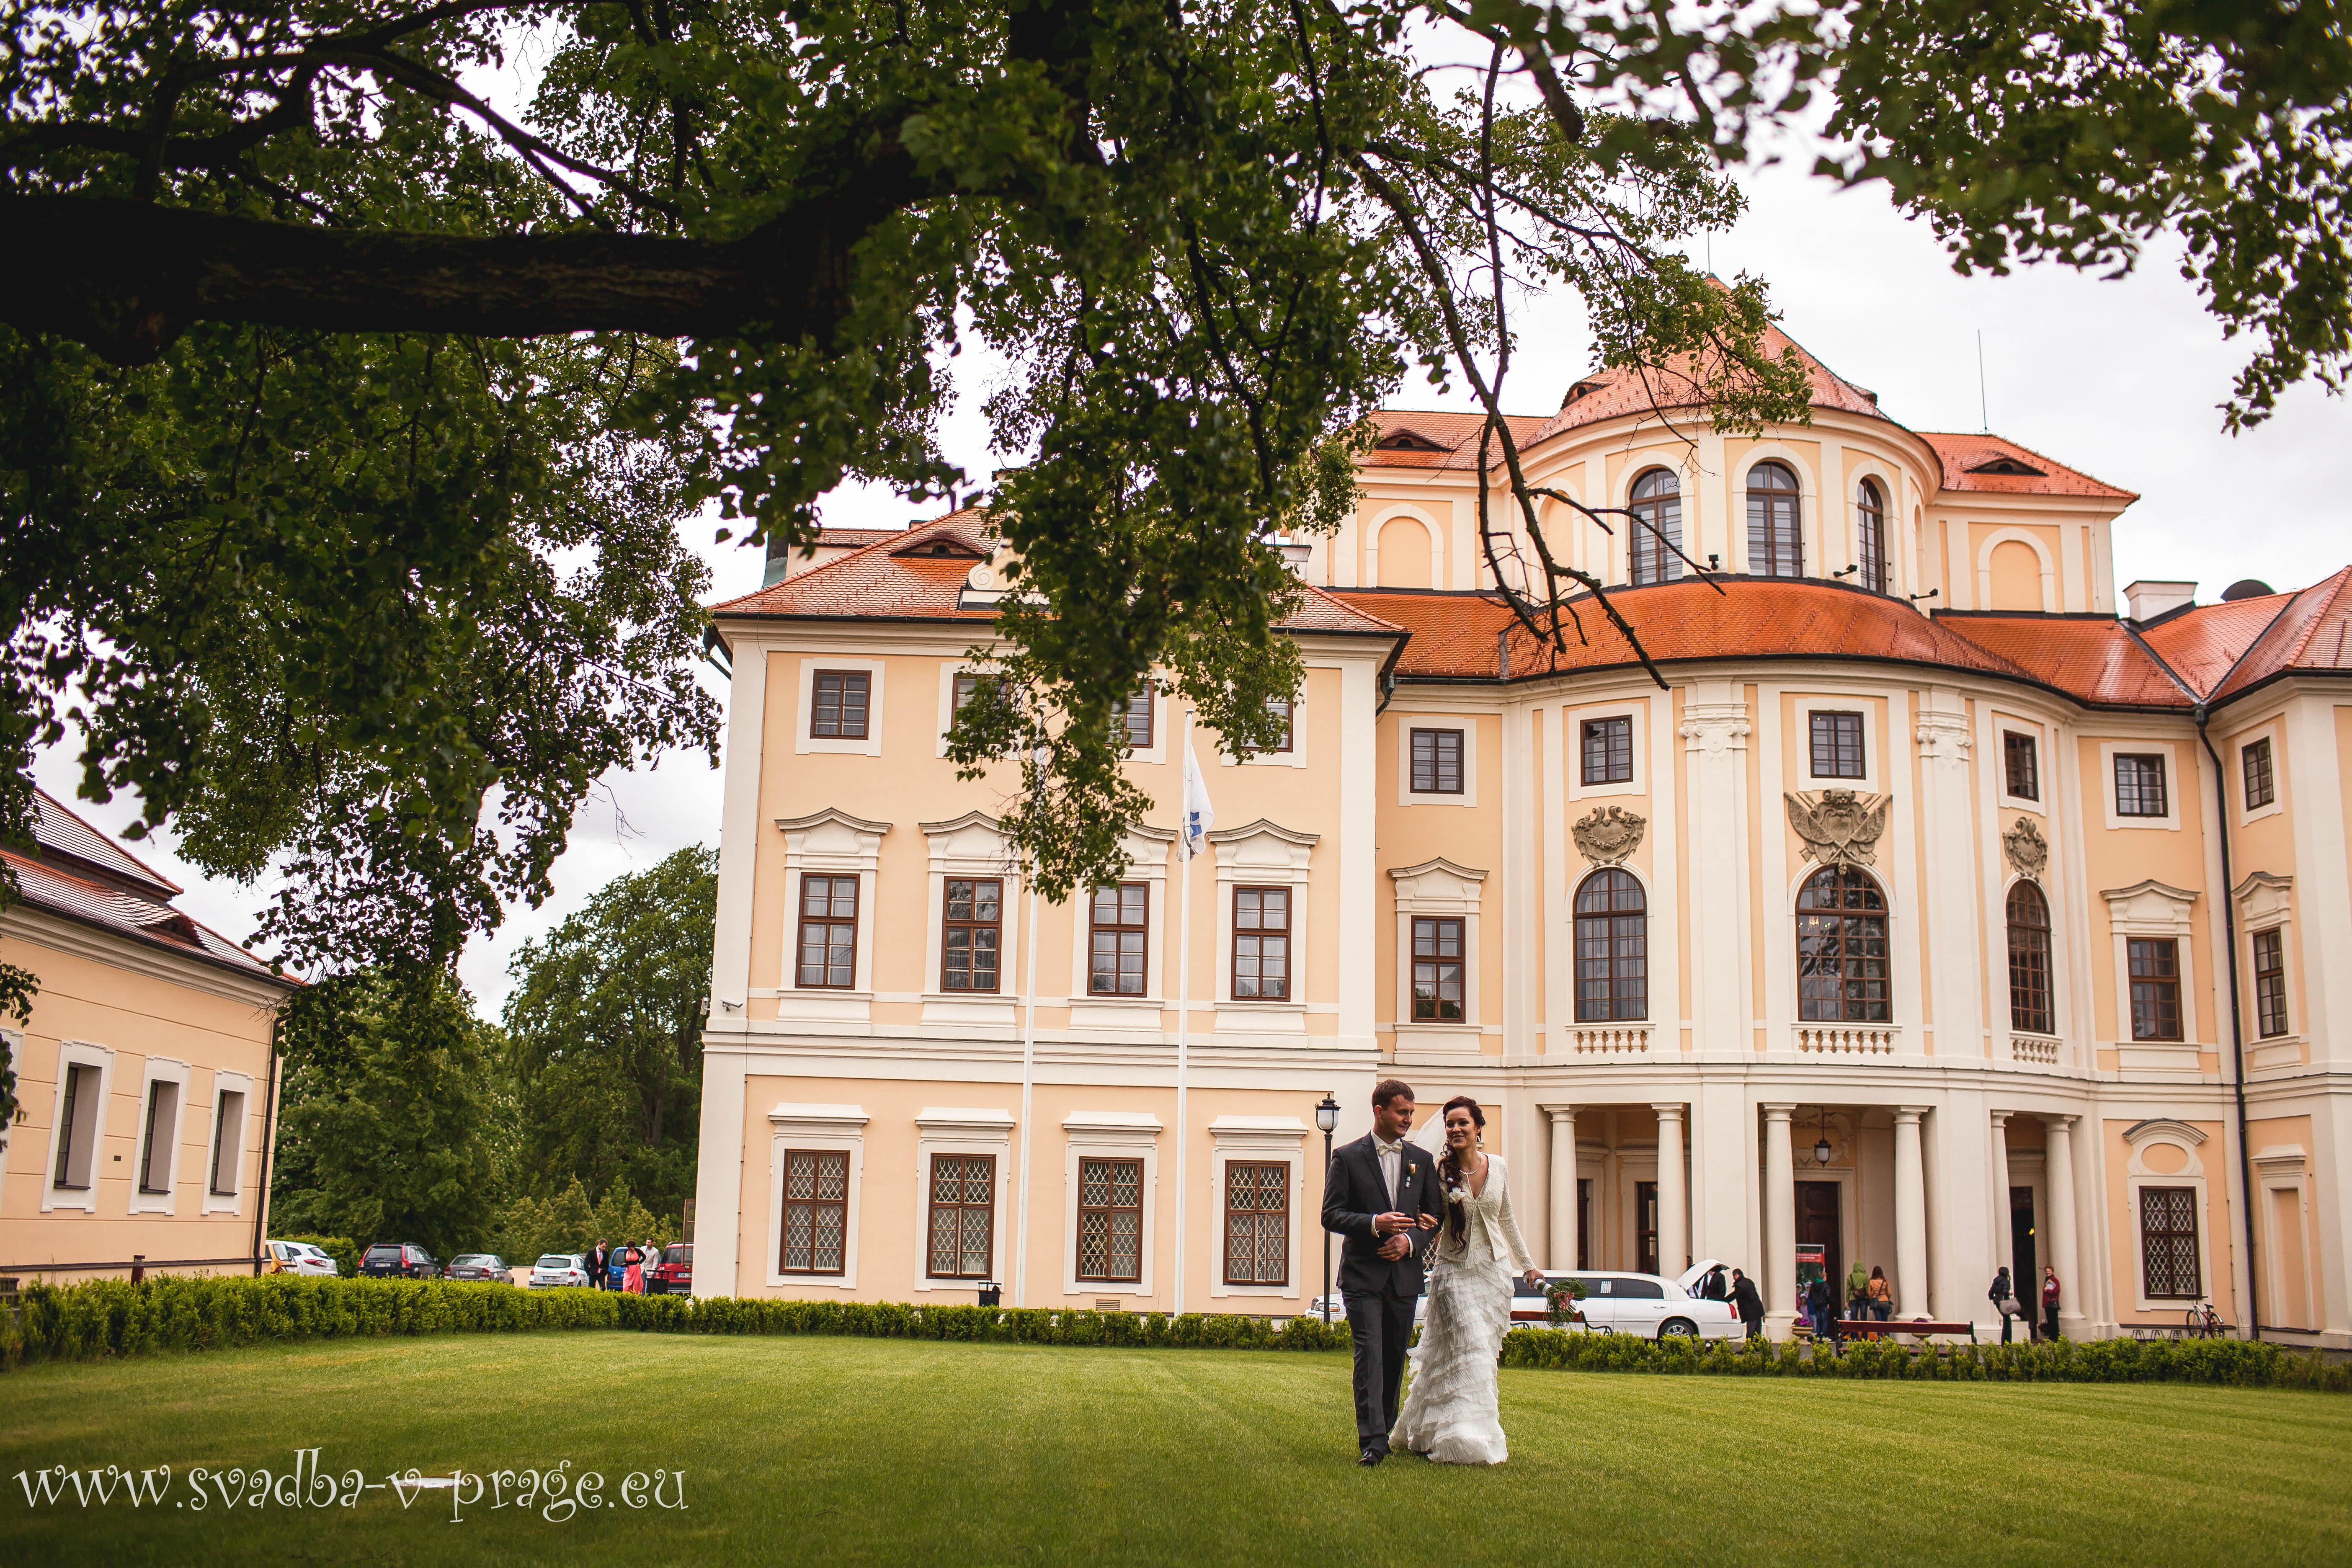 Свадьба Сергея и Нины 26.5.2013 в Шато Борокко - фото Свадьба в замке Либлице